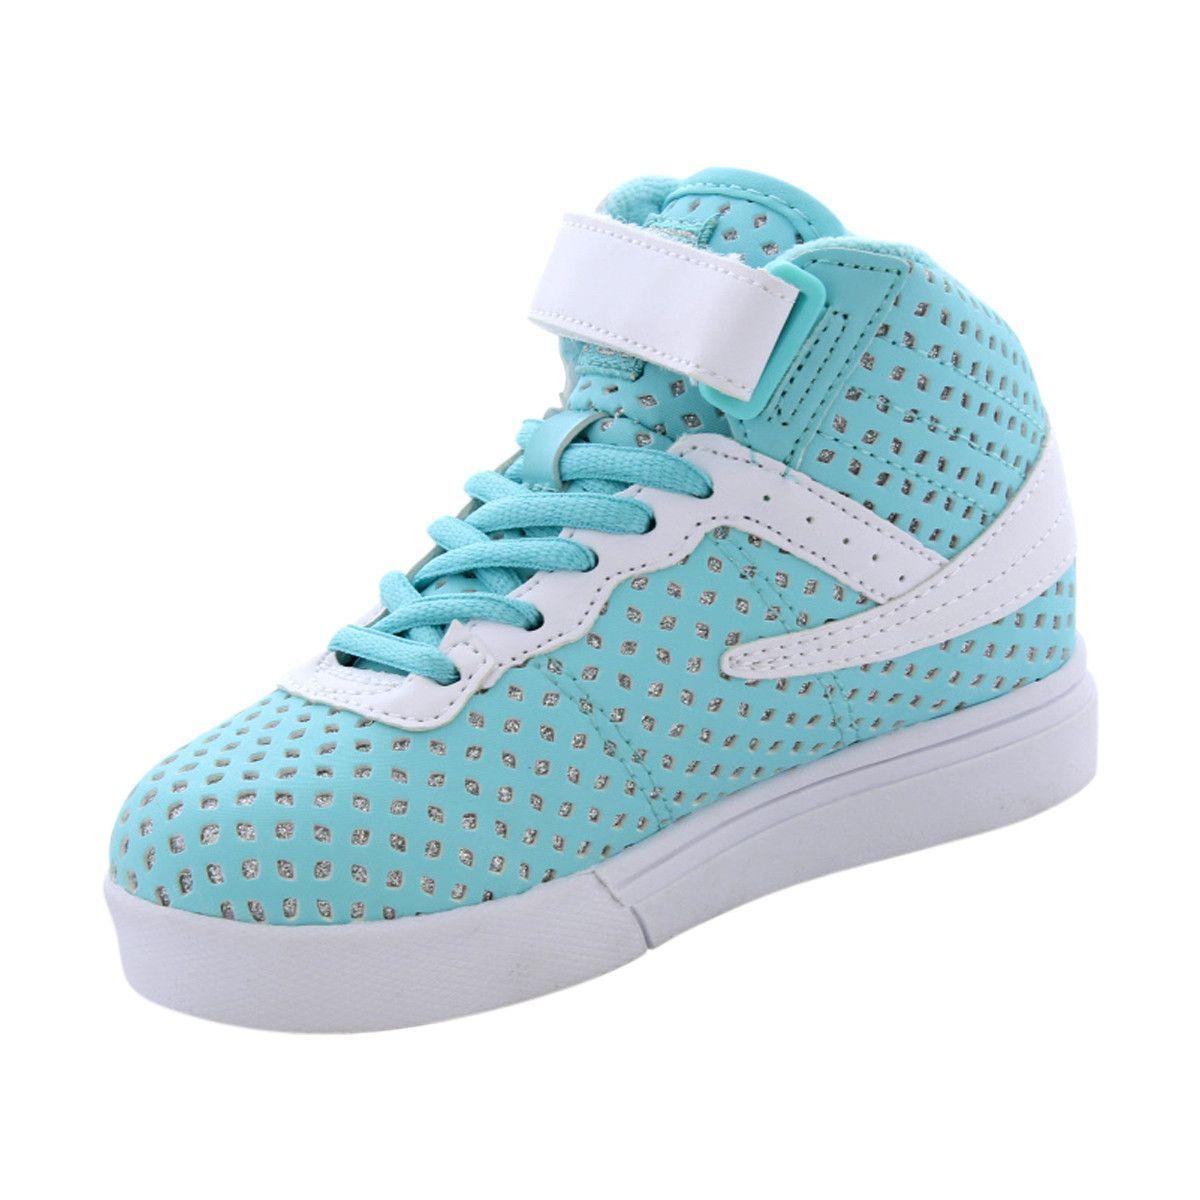 9d5832d61c Fila - Girl's Vulc 13 Sparkles Sneakers (Little Kid) - Blue/White ...